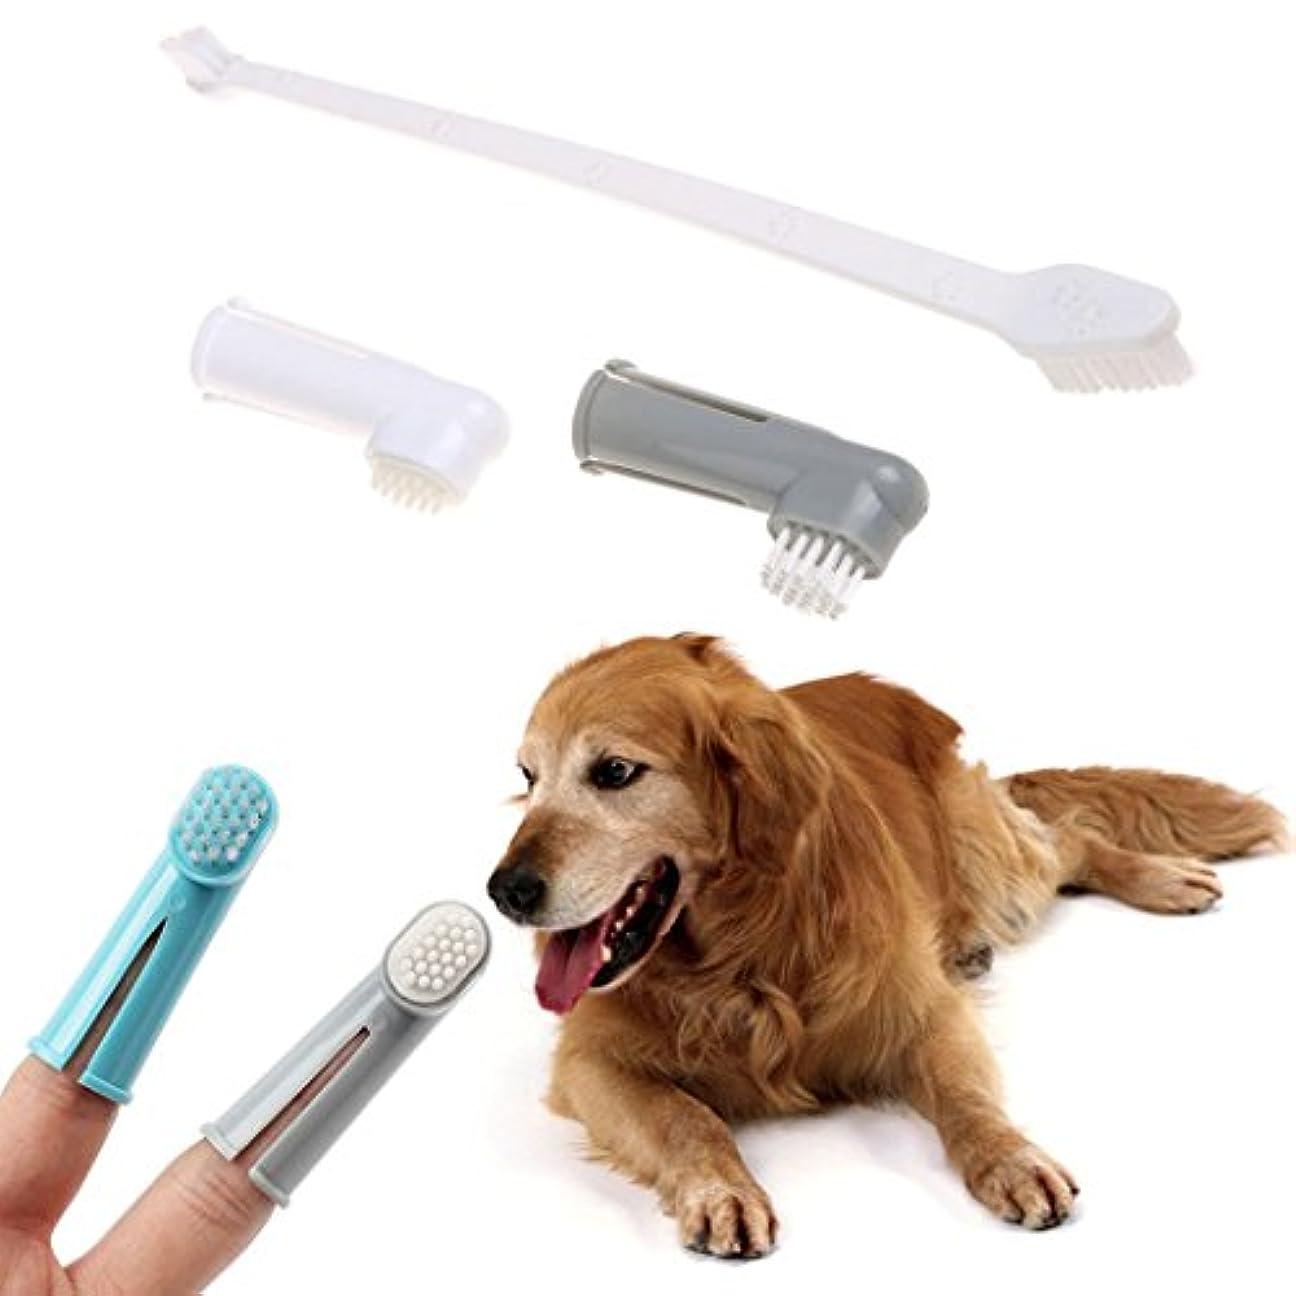 退却名目上の中毒Legendog ペットの歯ブラシ 犬用歯ブラシ 指歯 ブラシ 歯磨き ペット歯ケア用品 カラフル 3ピースセット(合計9個)